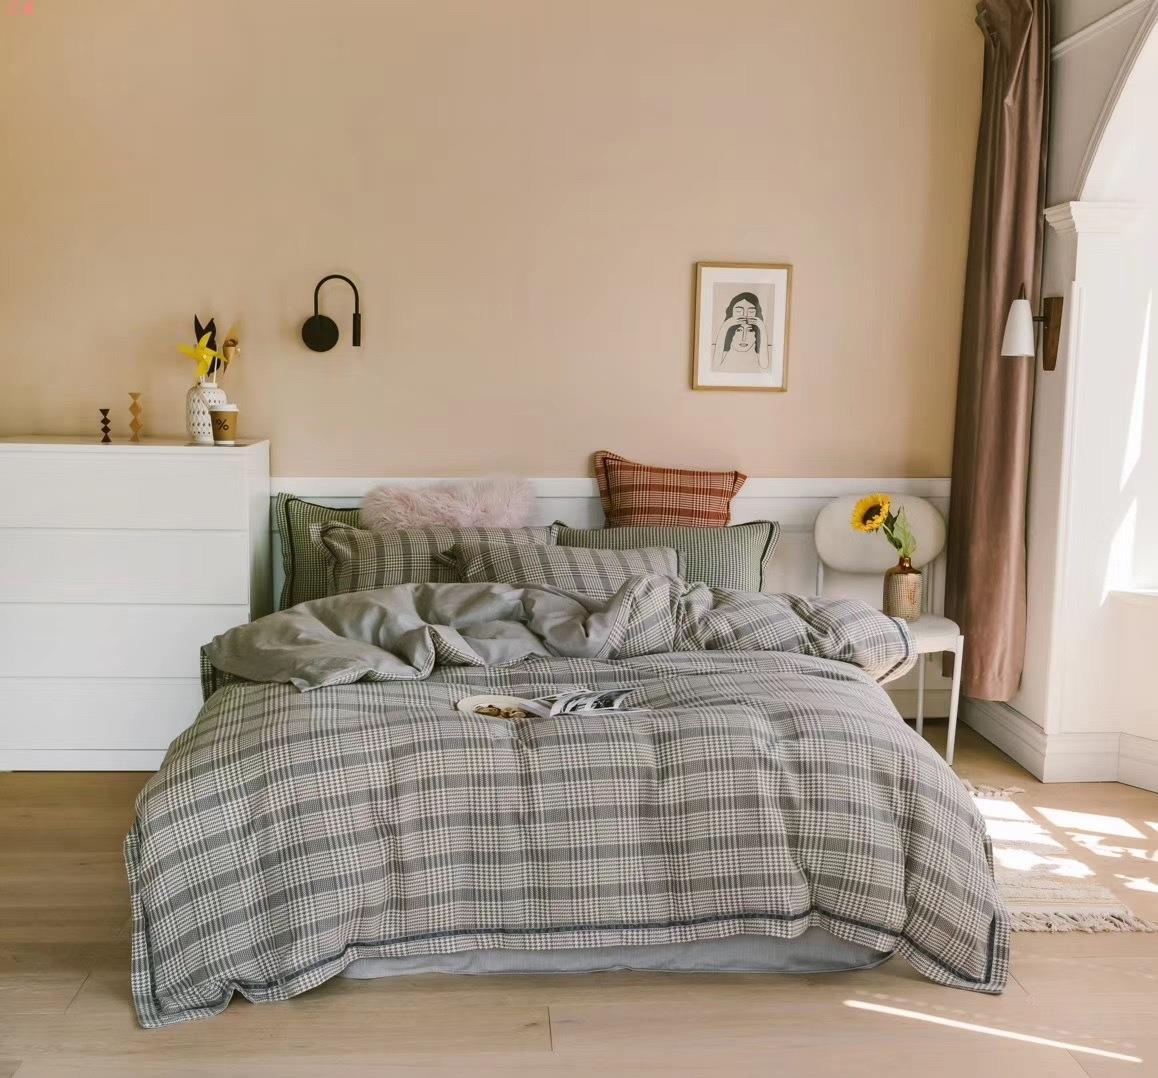 阿尔巴卡千鸟格套件全拉绒磨毛床单被套冬季加厚复古床品棉简约